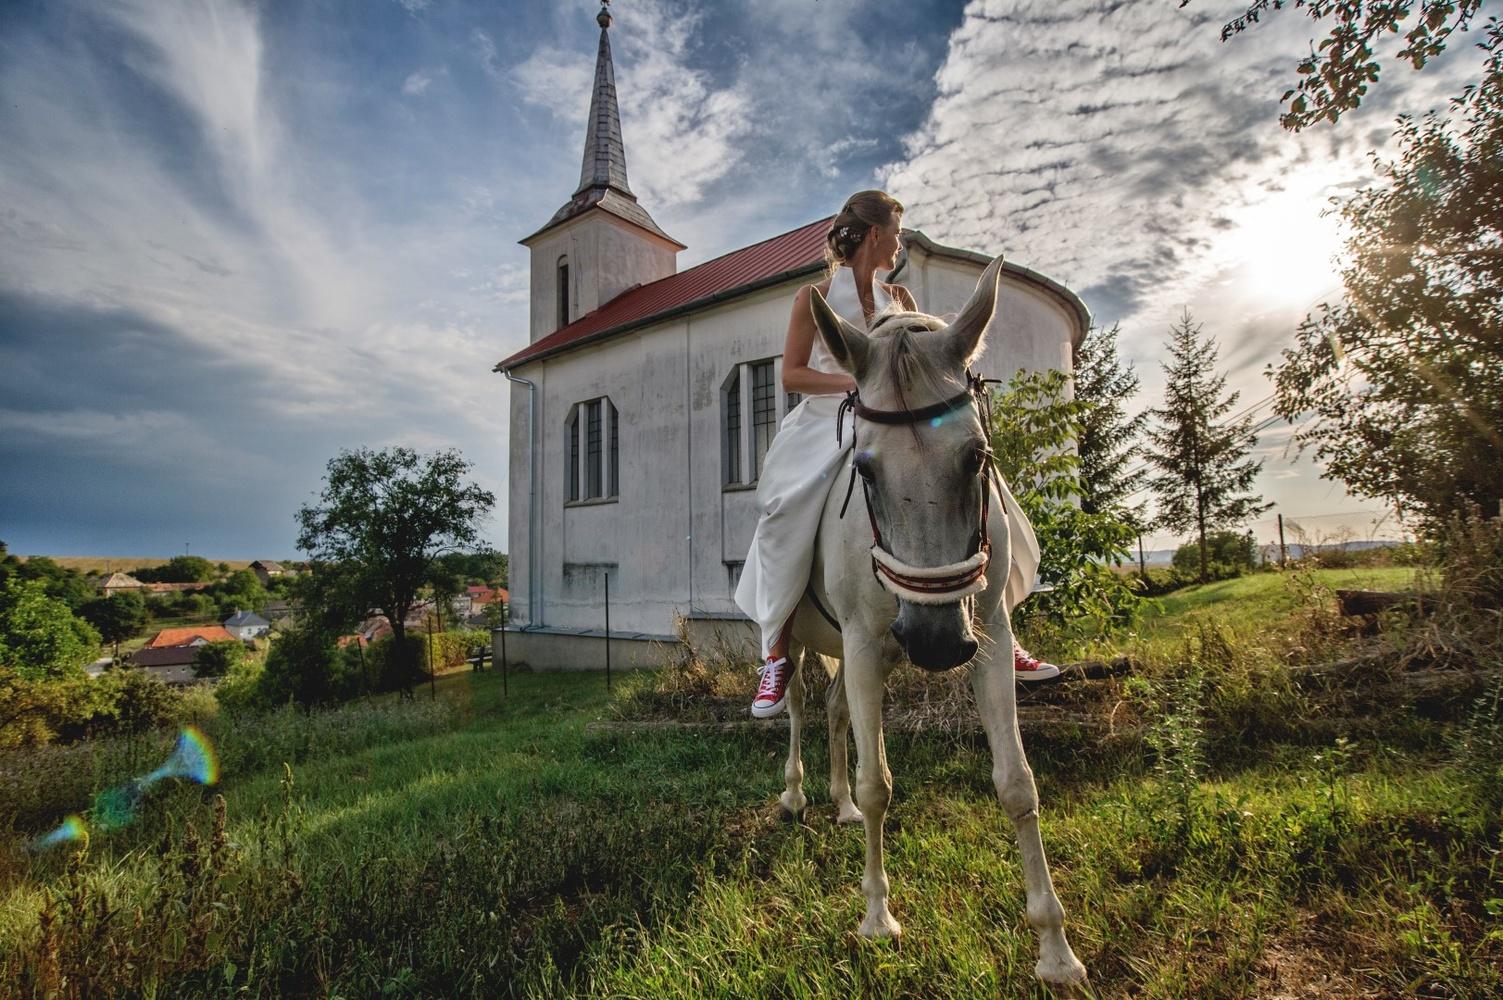 http://www.fotoz.sk/images/gallery-8/normal/eskuvoi-fotos_svadobny-fotograf_332.jpg